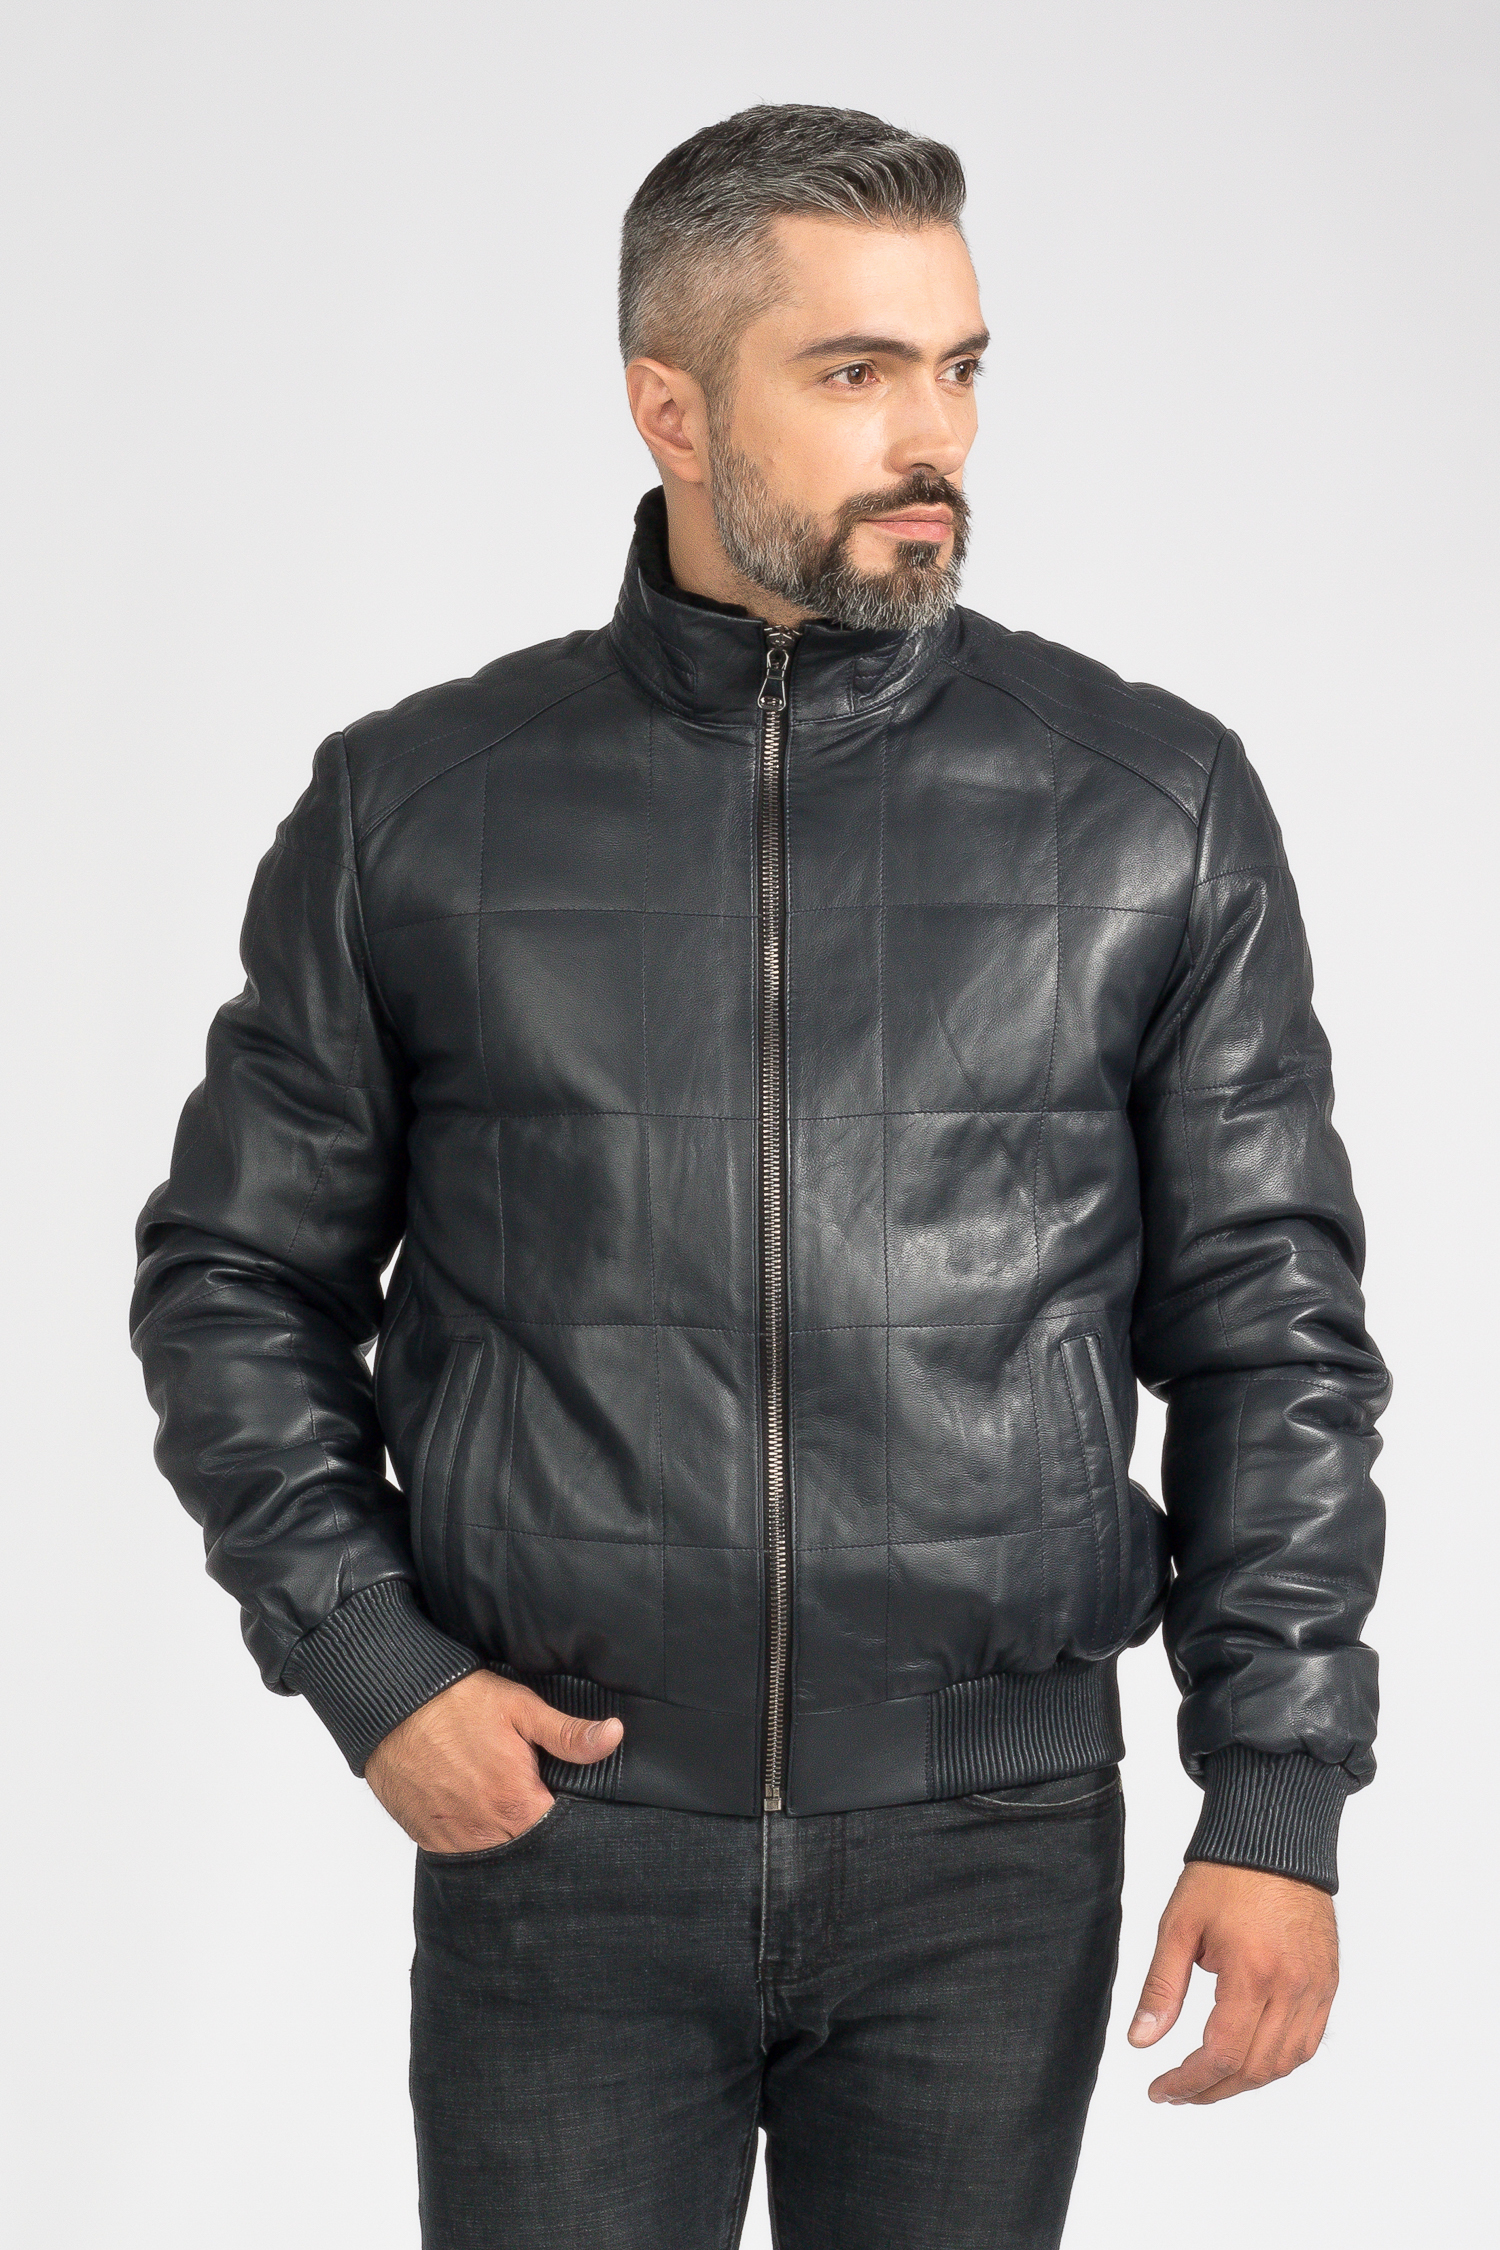 Купить Мужская кожаная куртка из натуральной кожи на меху с воротником, без отделки, МОСМЕХА, синий, Кожа овчина, 3600171